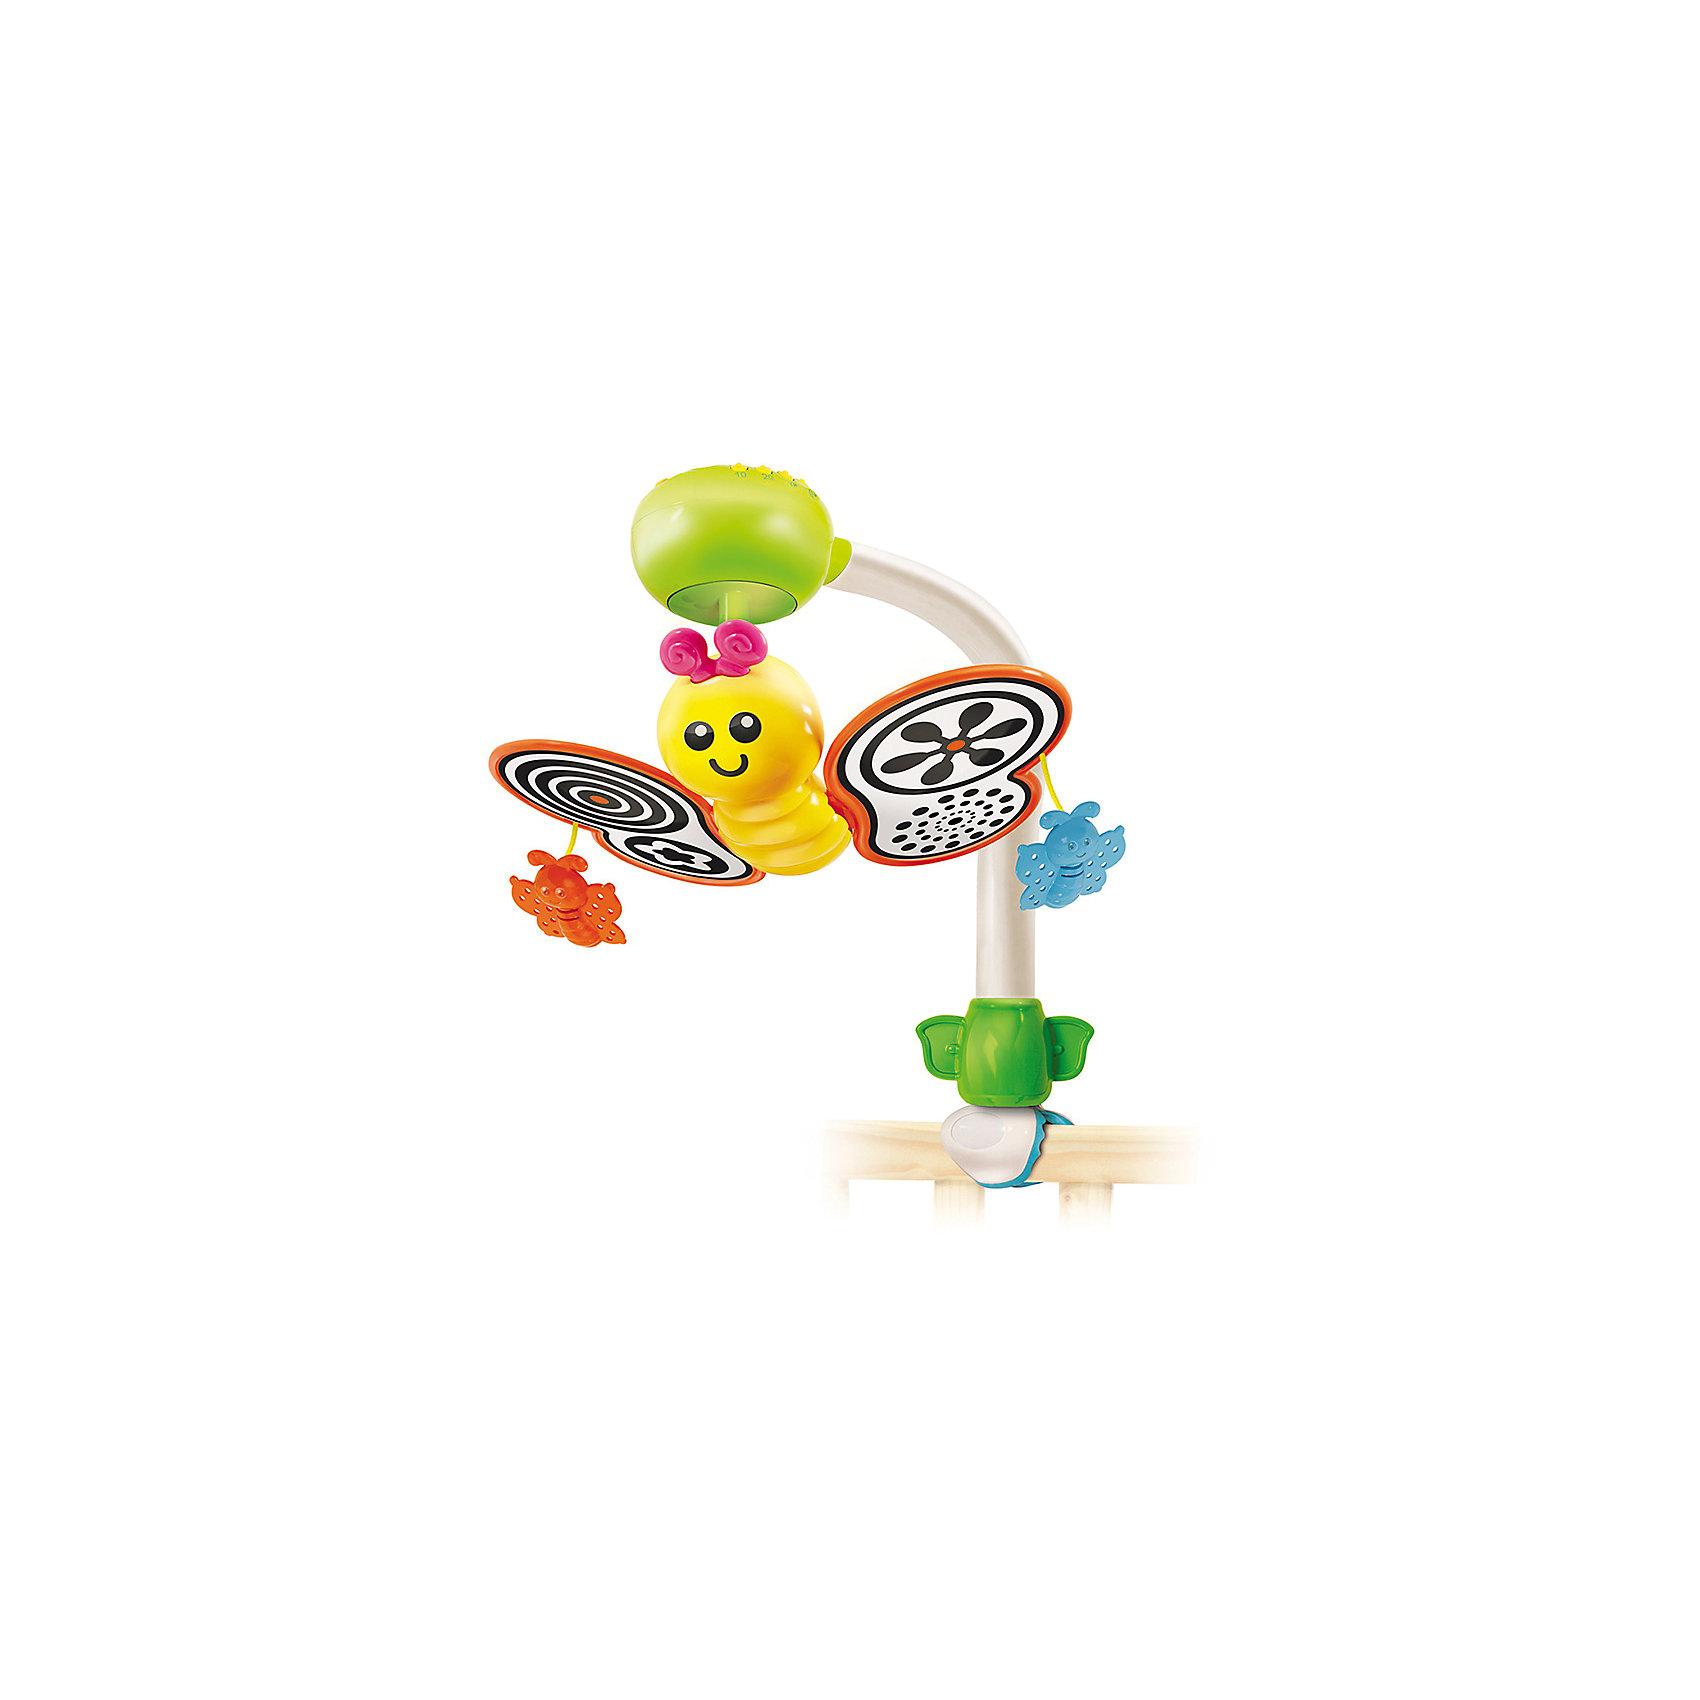 Мобиль на кроватку, BKidsМобили<br>Развивать способности ребенка можно с самого раннего возраста. Делая это в игре, малыш всесторонне изучает мир и осваивает новые навыки. Эта игрушка представляет собой музыкальный мобиль - он играет мелодии, громкость можно регулировать.<br>Такие игрушки способствуют развитию мелкой моторики, воображения, цвето- и звуковосприятия, тактильных ощущений и обучению. Изделие разработано специально для самых маленьких. Сделано из материалов, безопасных для детей.<br><br>Дополнительная информация:<br><br>цвет: разноцветный;<br>размер: 22 х 30 см;<br>возраст: с рождения.<br><br>Мобиль на кроватку от бренда BKids можно купить в нашем интернет-магазине.<br><br>Ширина мм: 379<br>Глубина мм: 317<br>Высота мм: 109<br>Вес г: 725<br>Возраст от месяцев: 0<br>Возраст до месяцев: 6<br>Пол: Унисекс<br>Возраст: Детский<br>SKU: 5055378